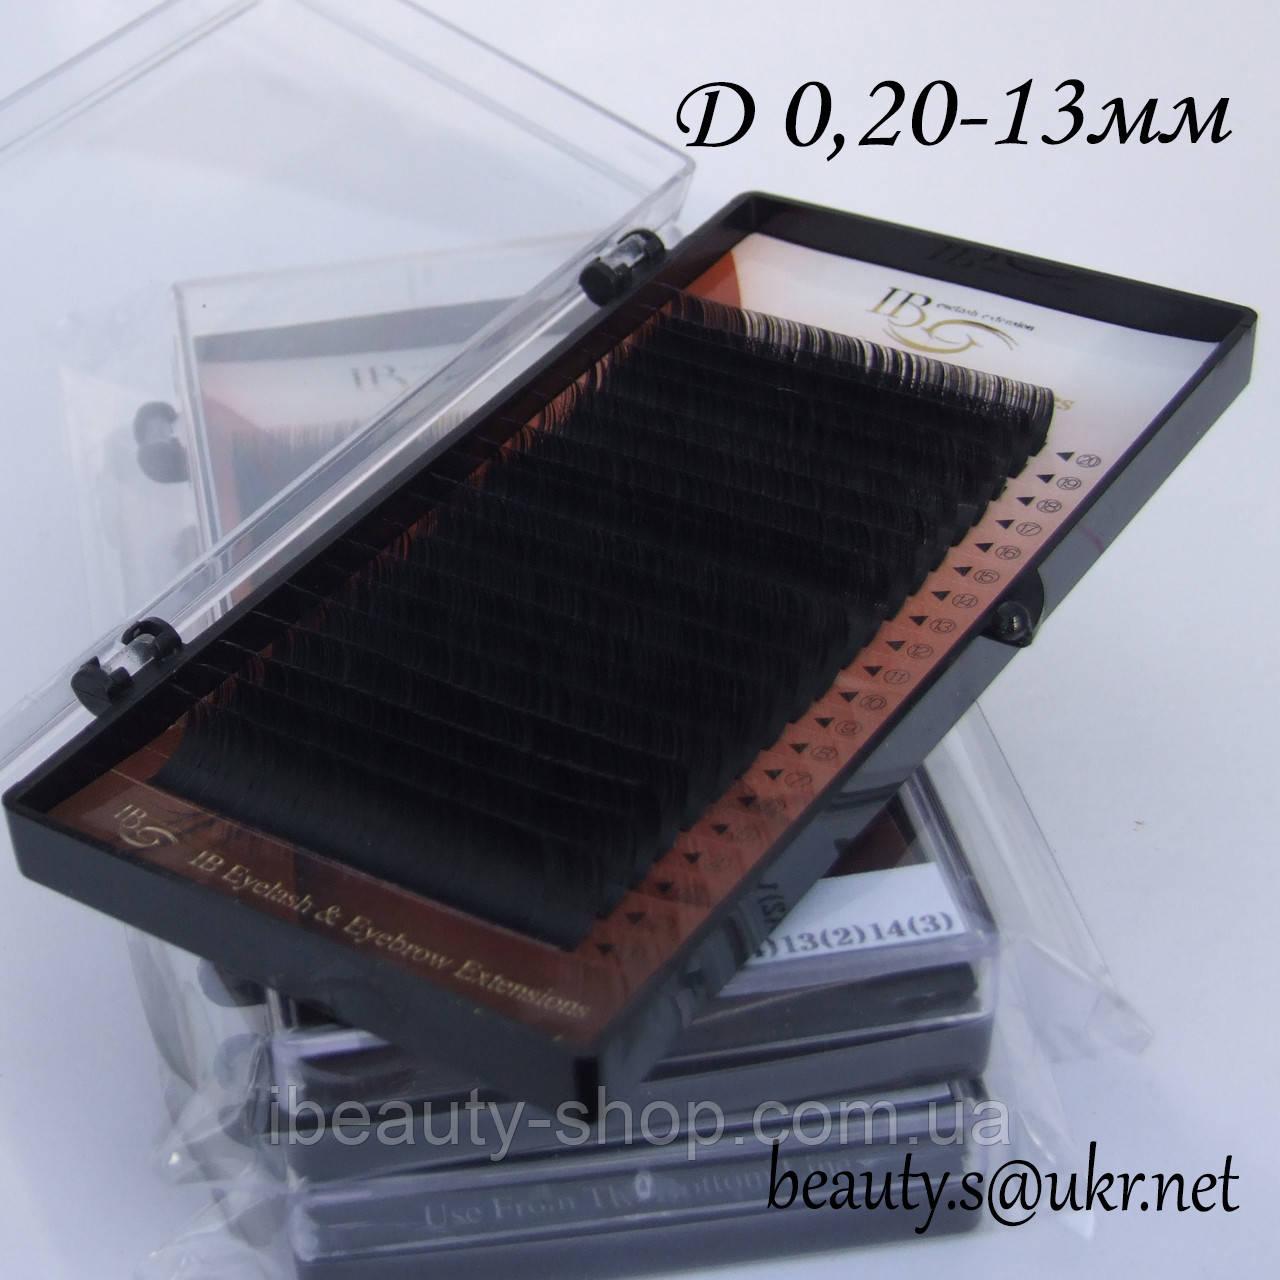 Ресницы  I-Beauty на ленте D-0,20 13мм